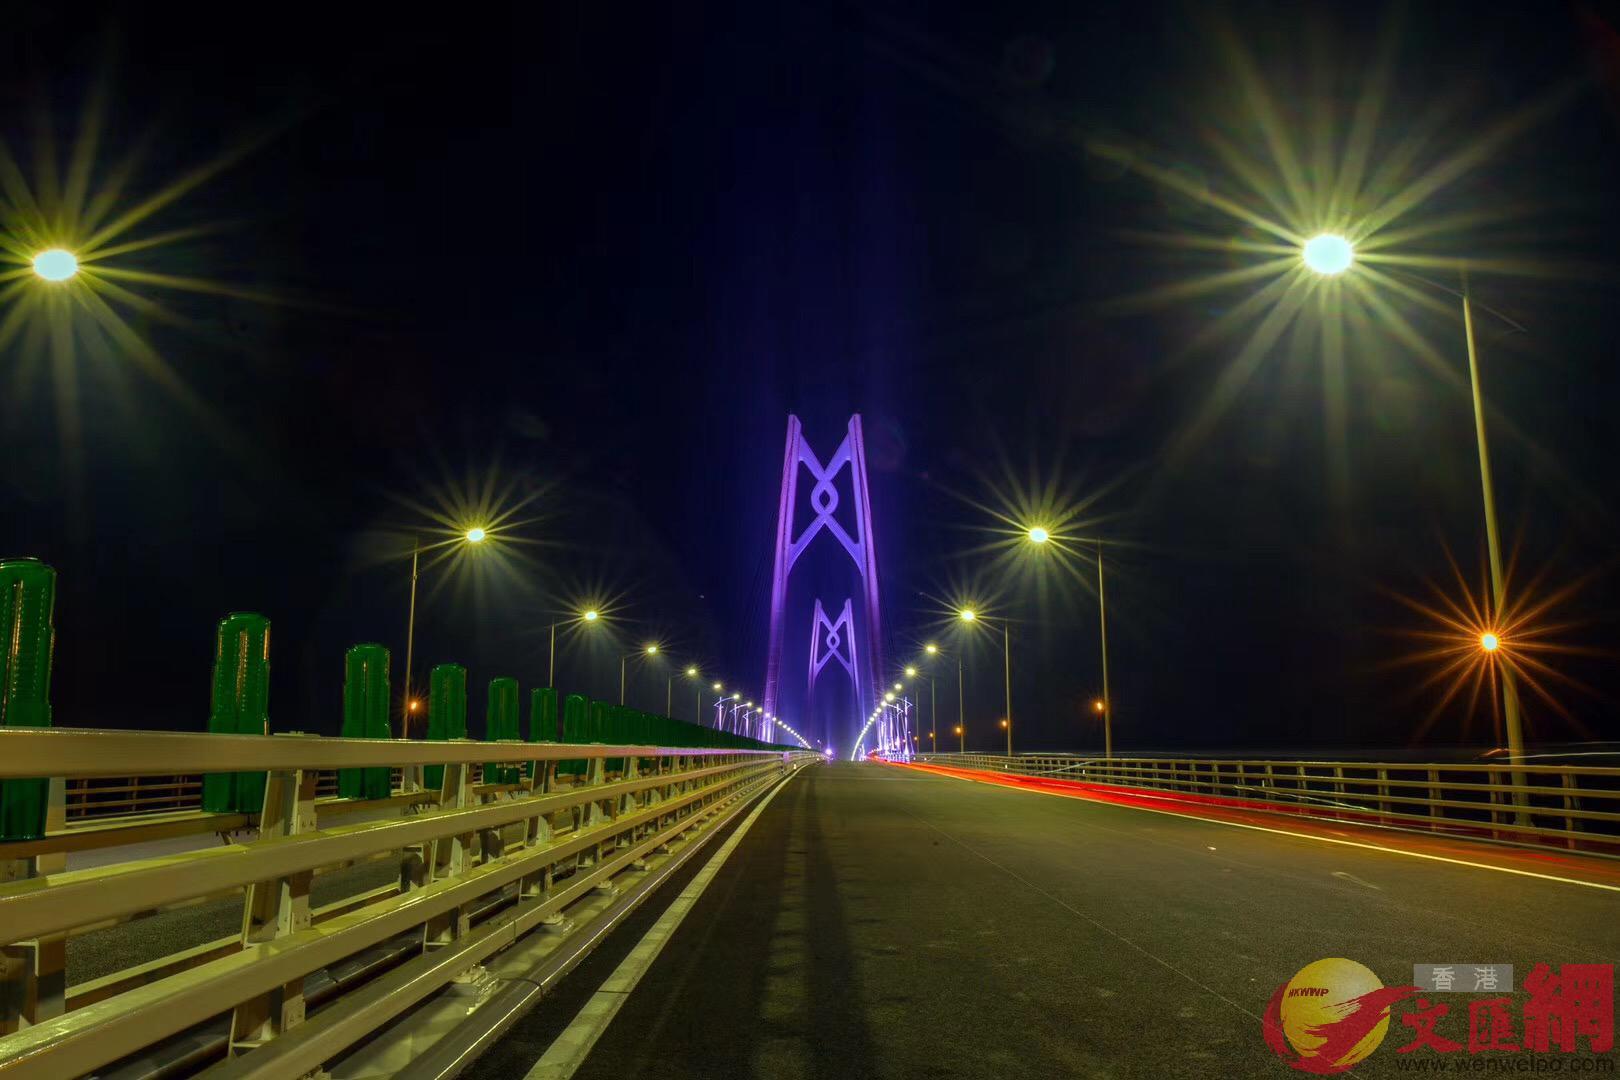 港珠澳大橋主體工程正式具備通車條件,圖為大橋主橋之一。(記者方俊明攝)